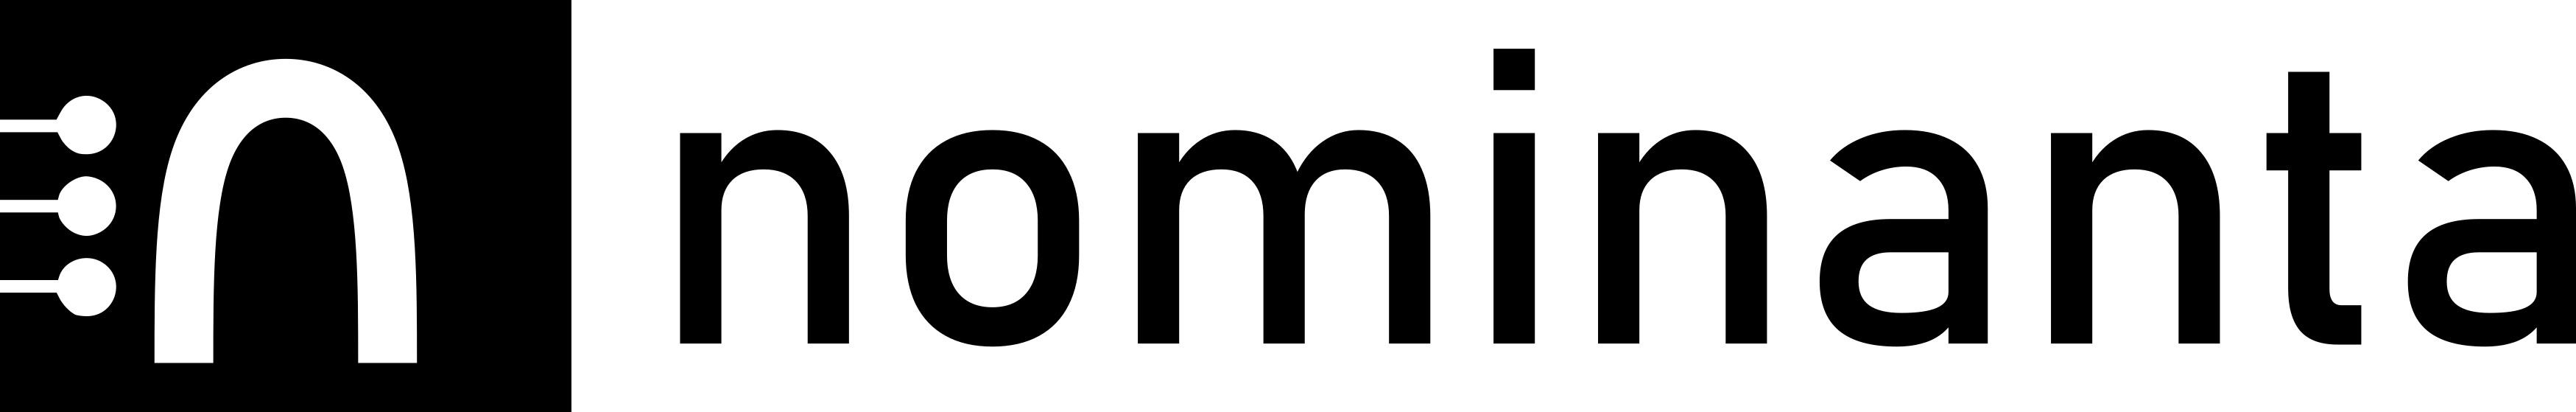 Разработать логотип для КБ по разработке электроники фото f_3055e411e8985222.jpg